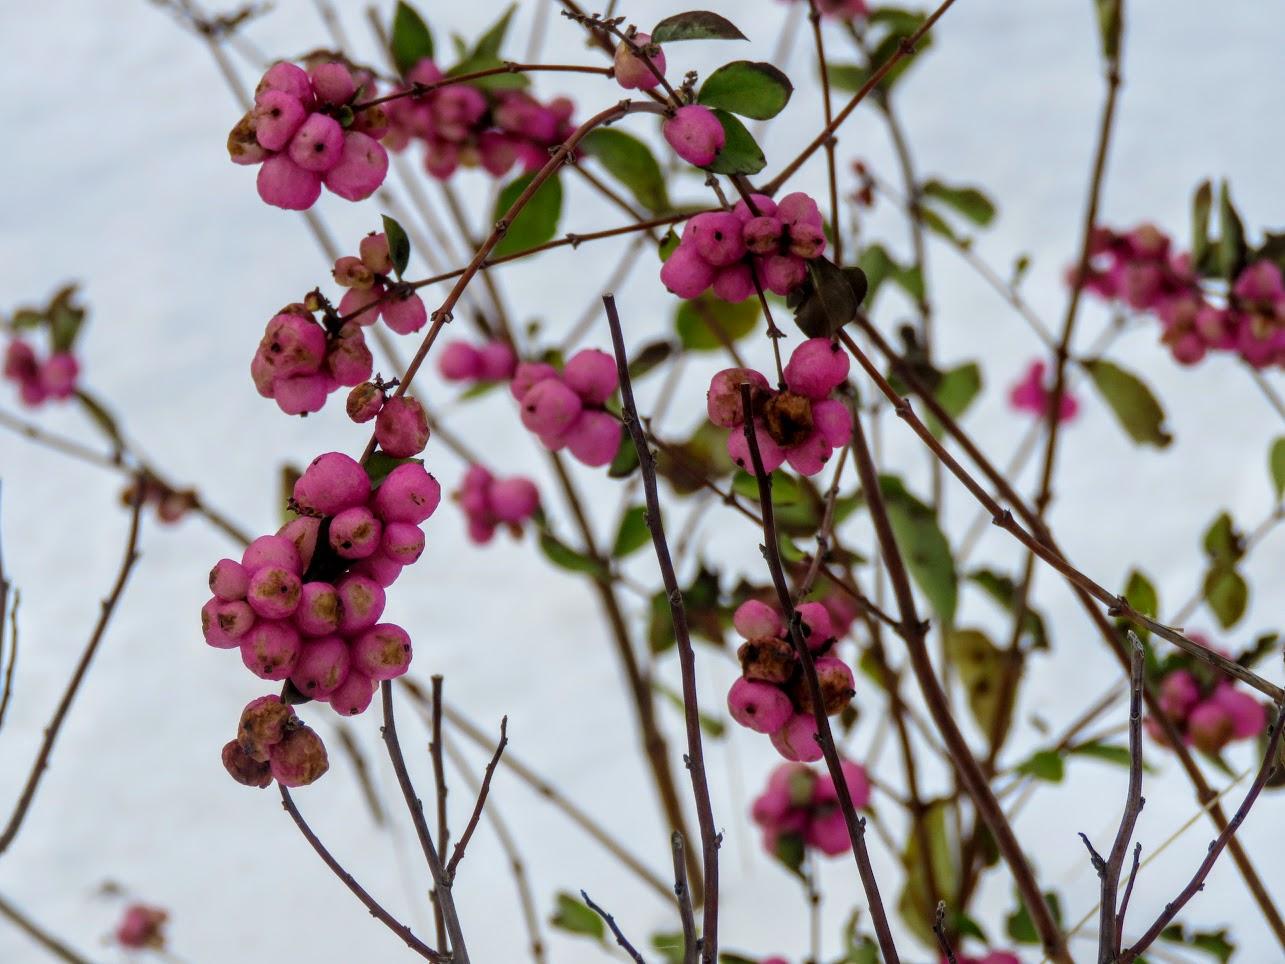 Розовый снежноягодник, снегири и другие прелести дня. Мой Мурыч с утра) IMG 2530